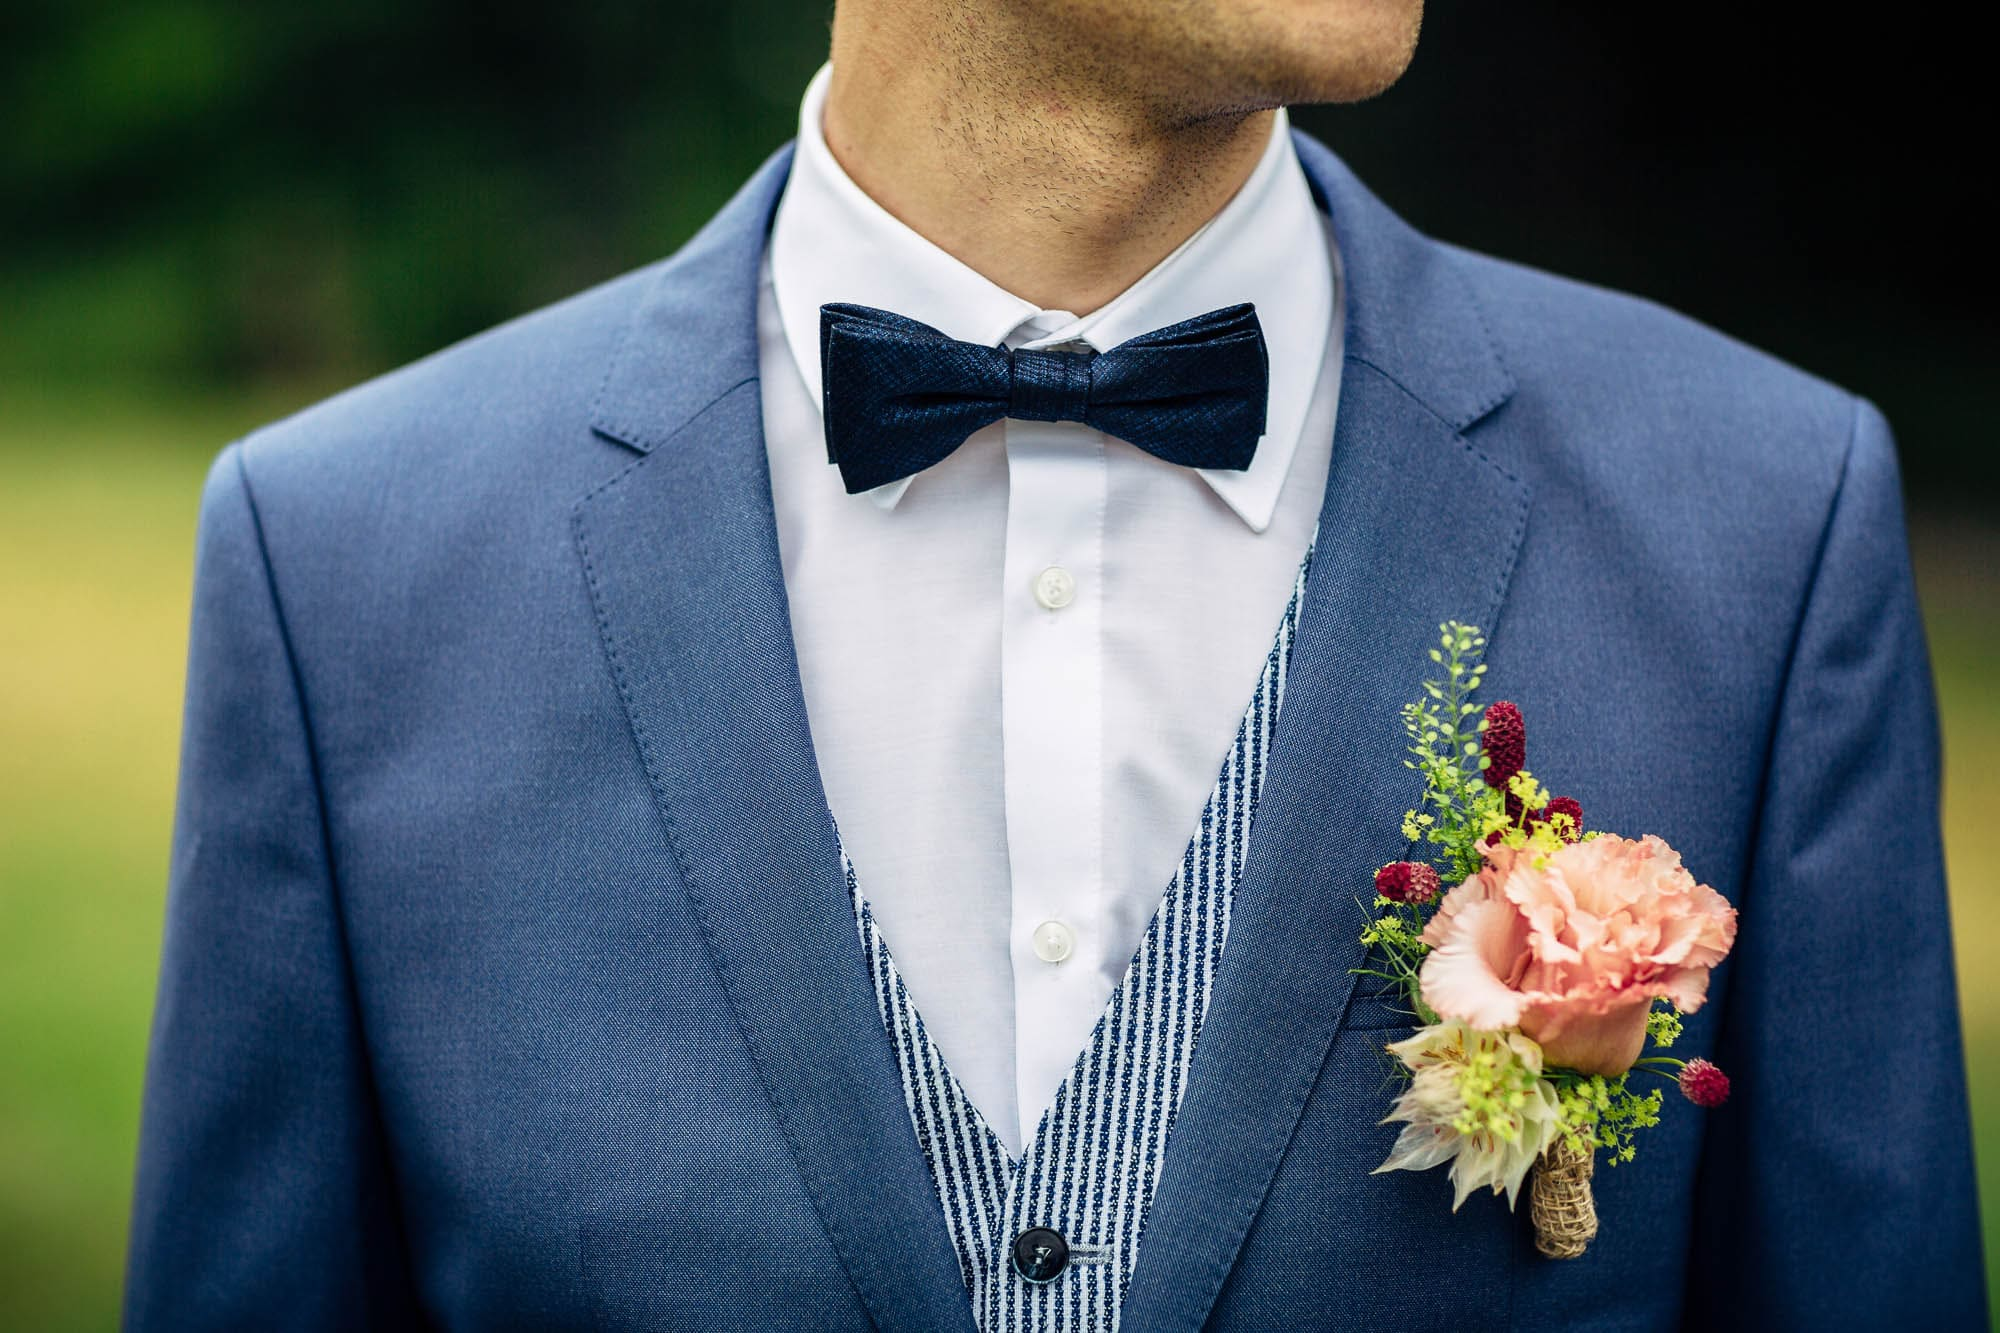 Fliege und Anstecker beim Bräutigam